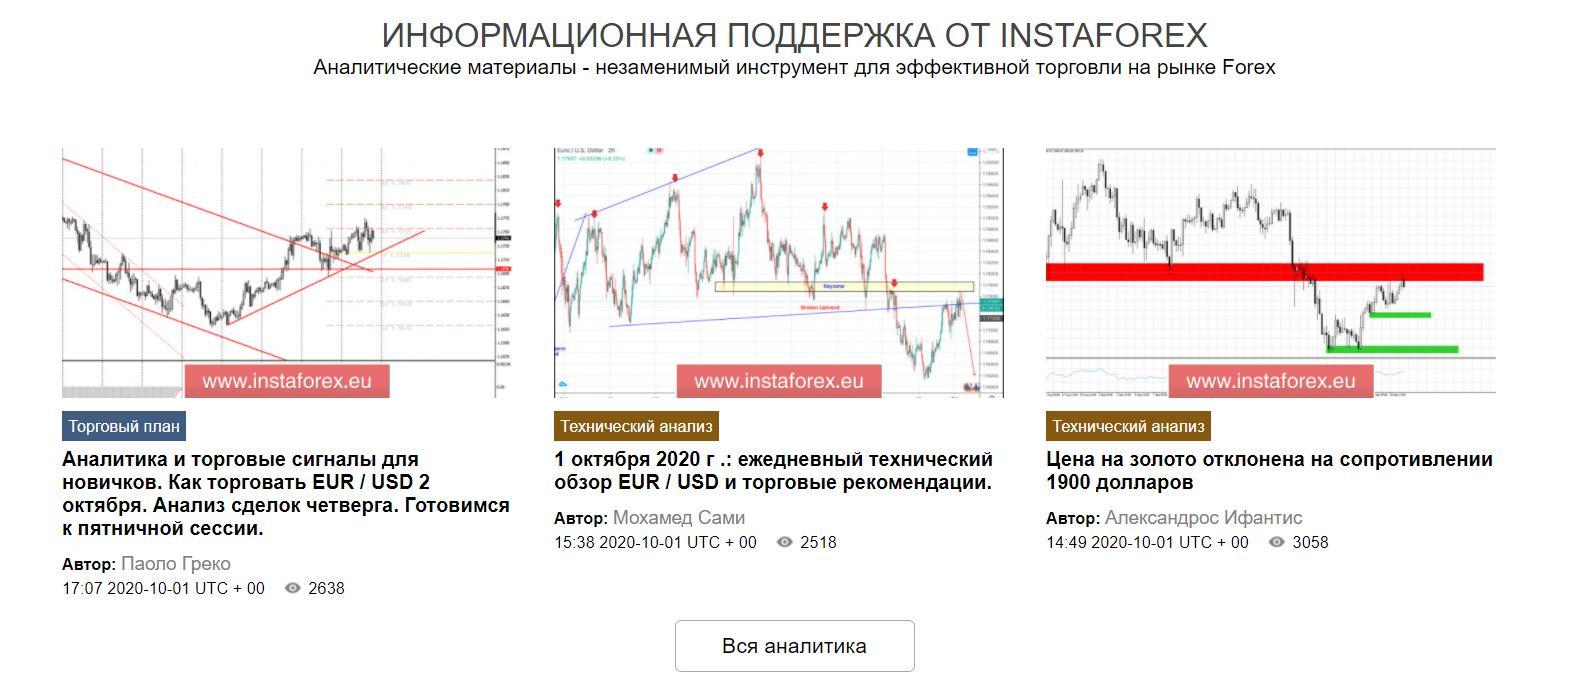 аналитика и новости от instaforex